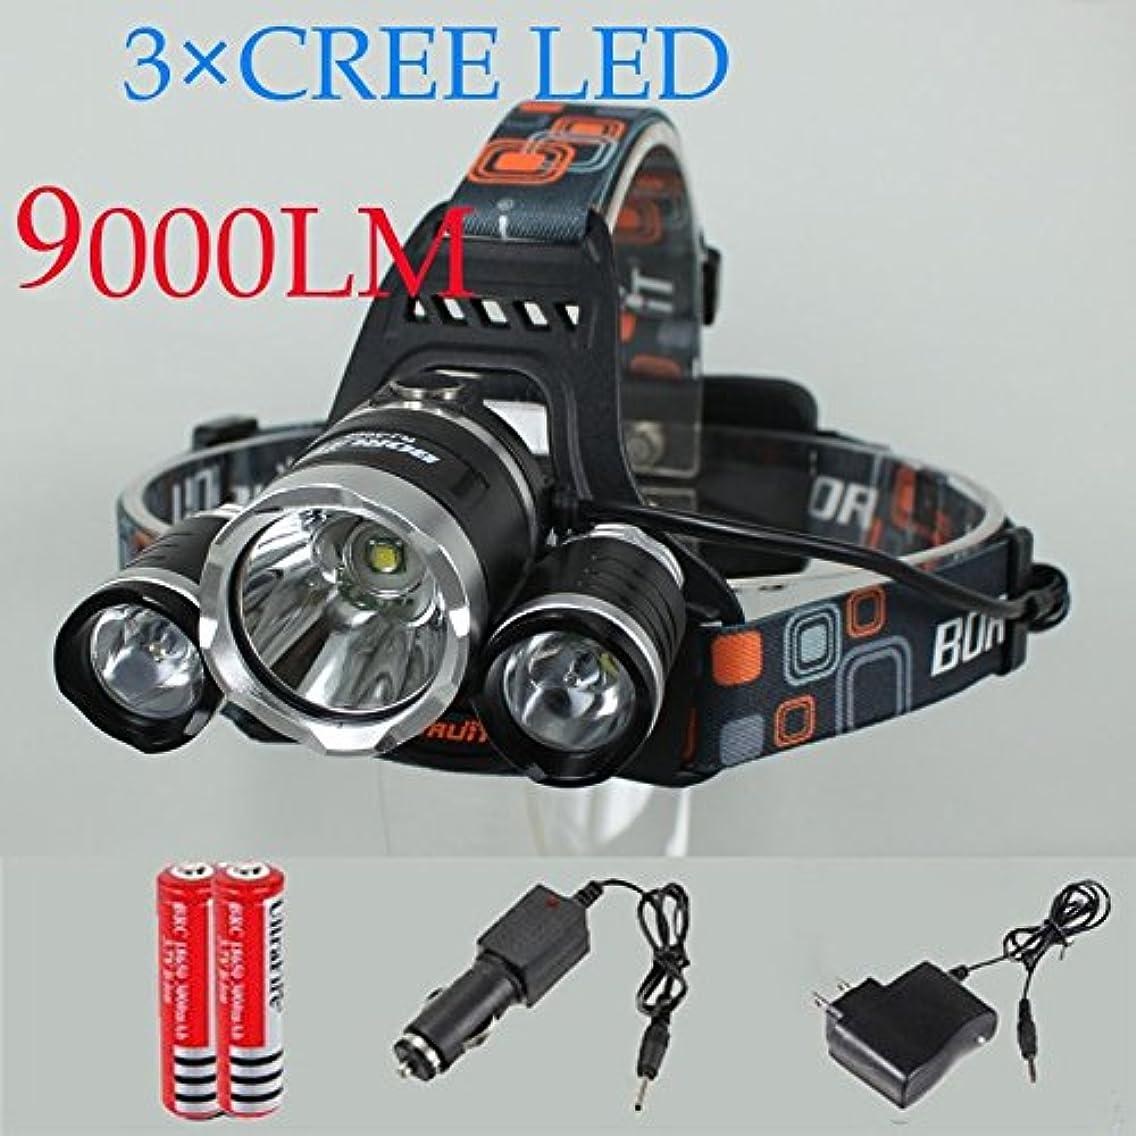 かび臭い政治的切るQiao Niuniu 3つのLEDヘッドランプ9000LM 4モード+ 2電池 +車の充電器(サイズ:USプラグ)